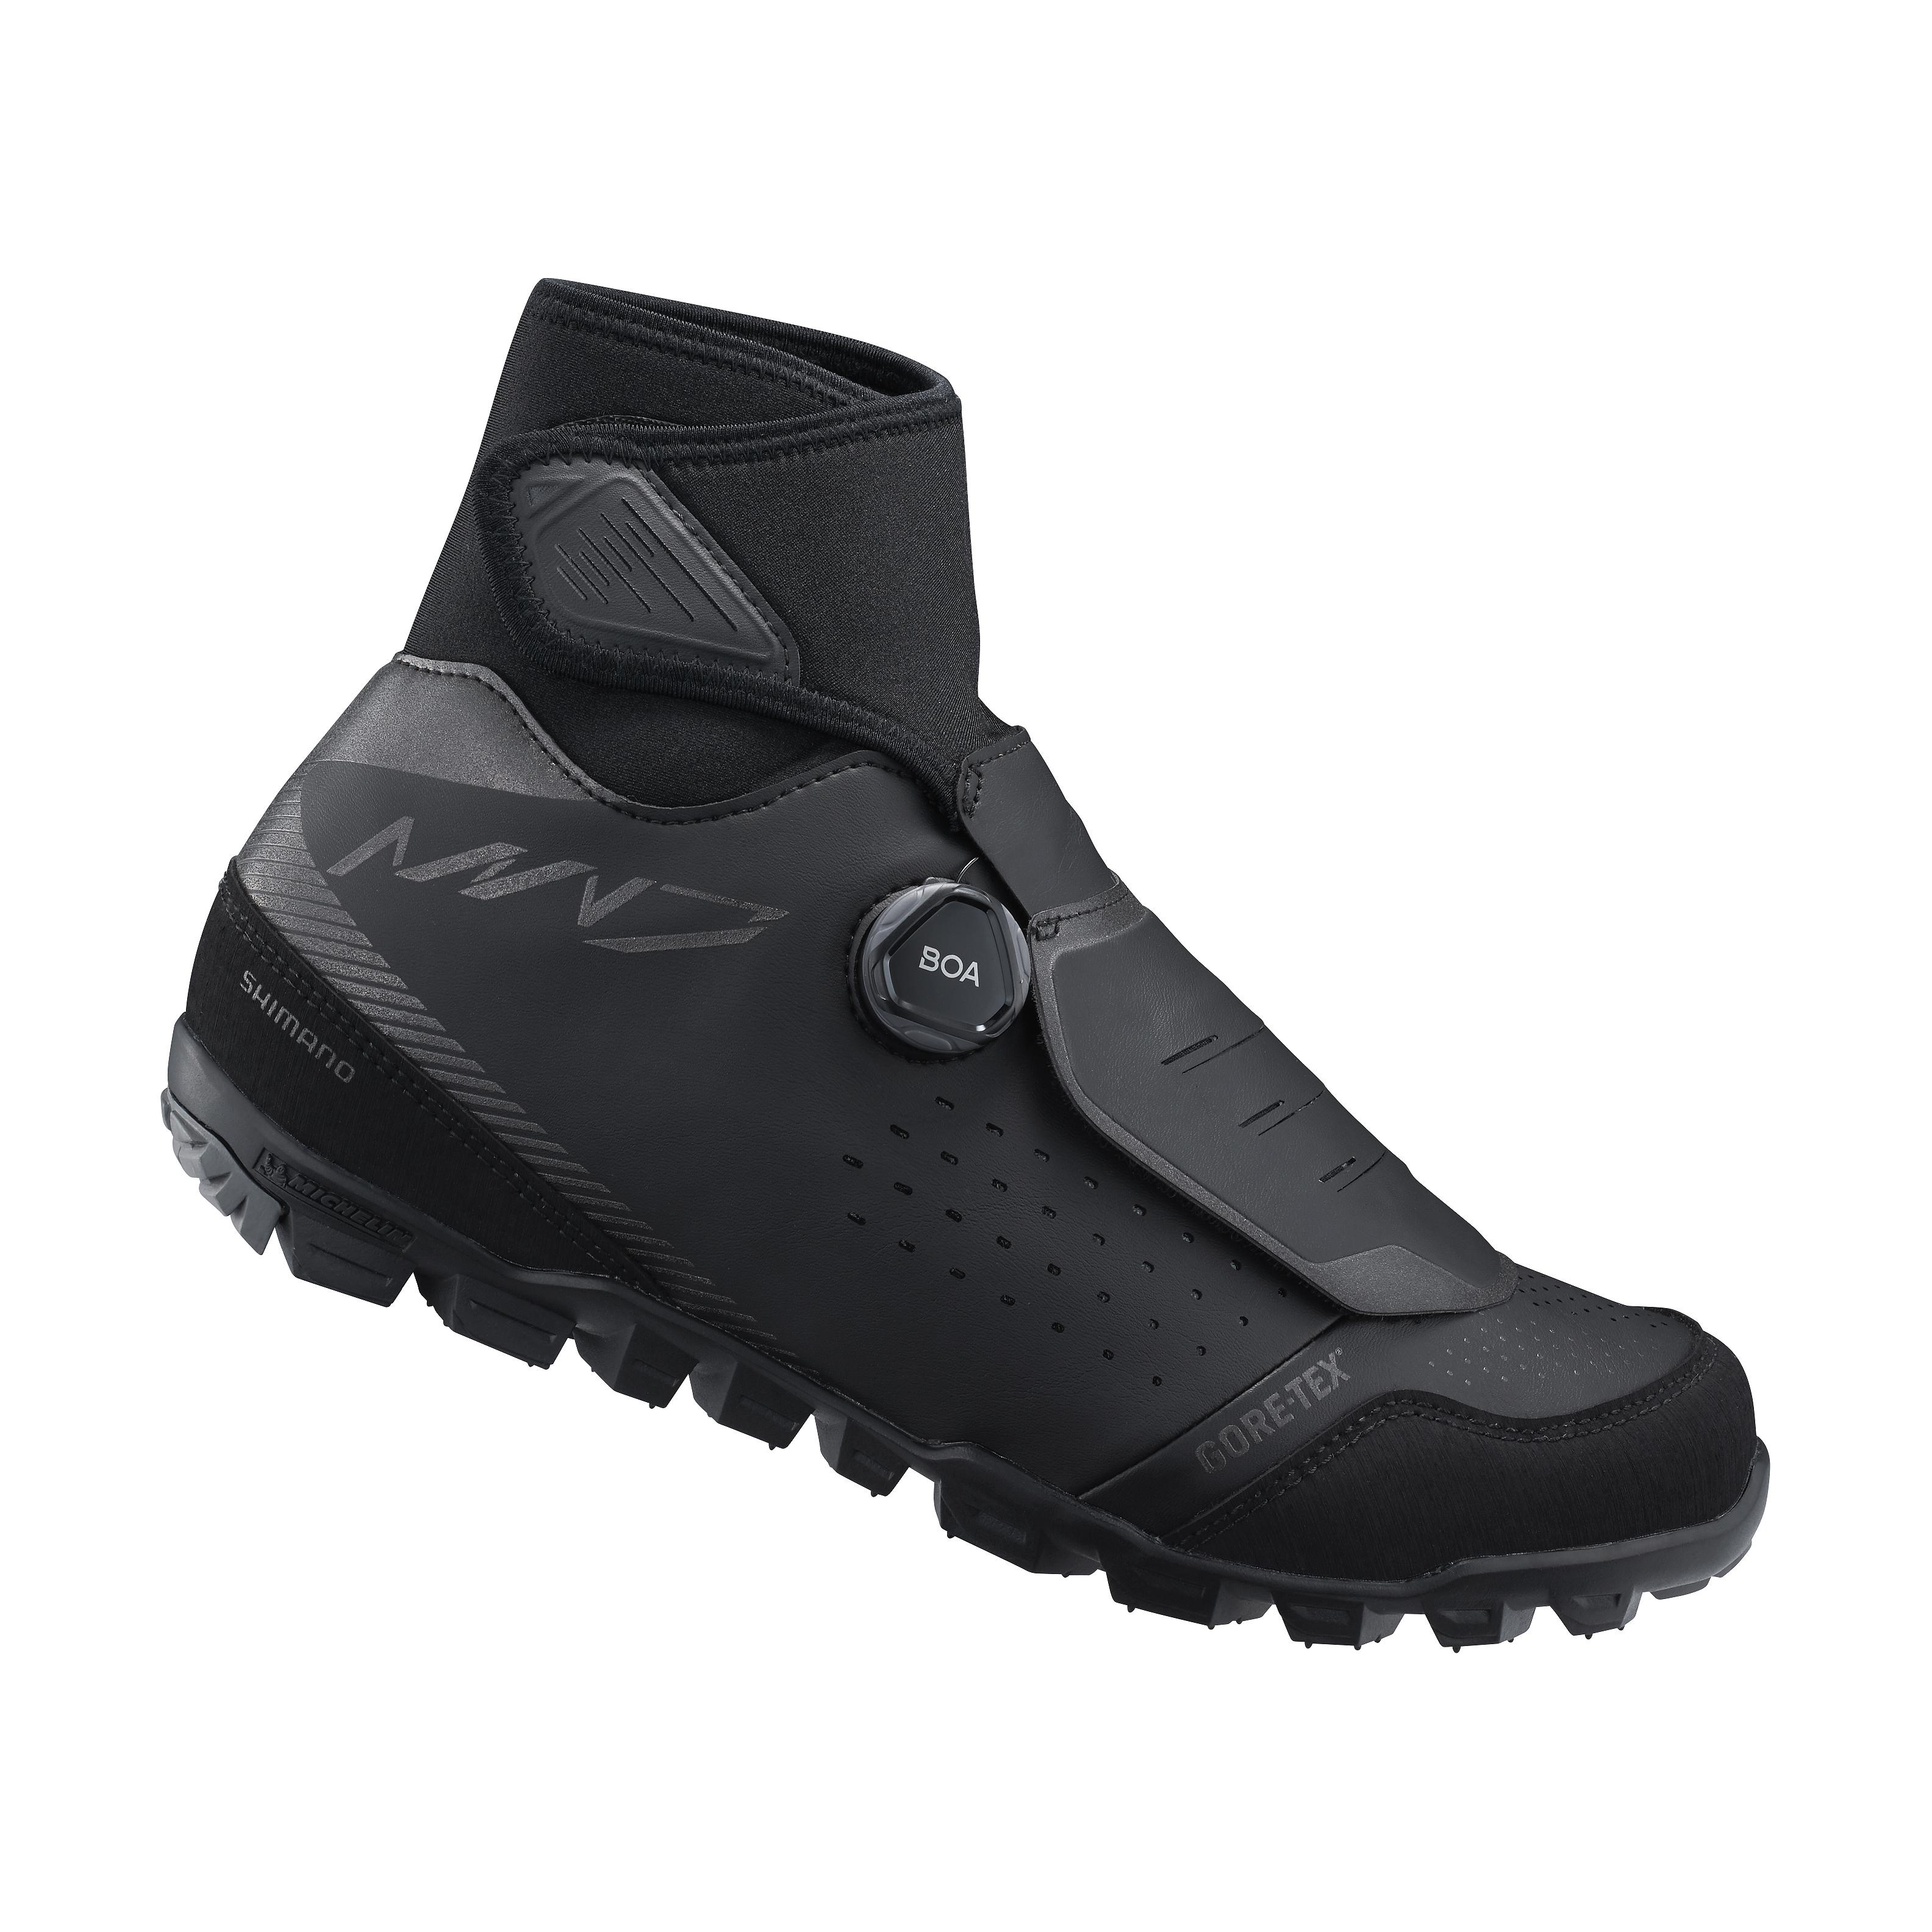 SHIMANO MTB zimní obuv SH-MW701ML, černá, 47